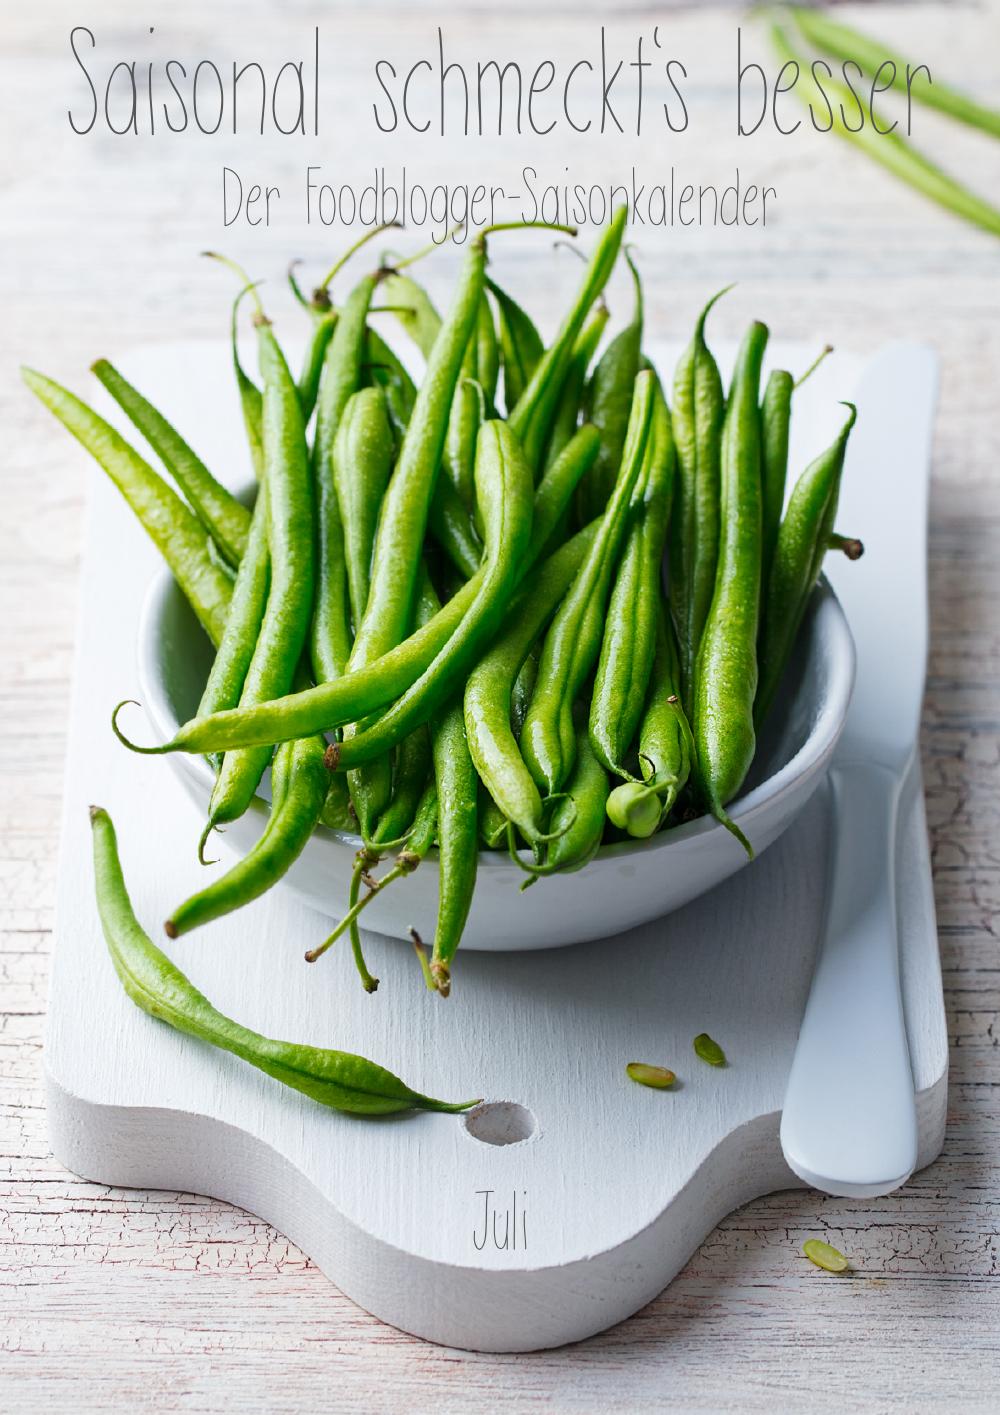 Saisonal schmeckts besser - Der Foodblogger Saisonkalender - Juli